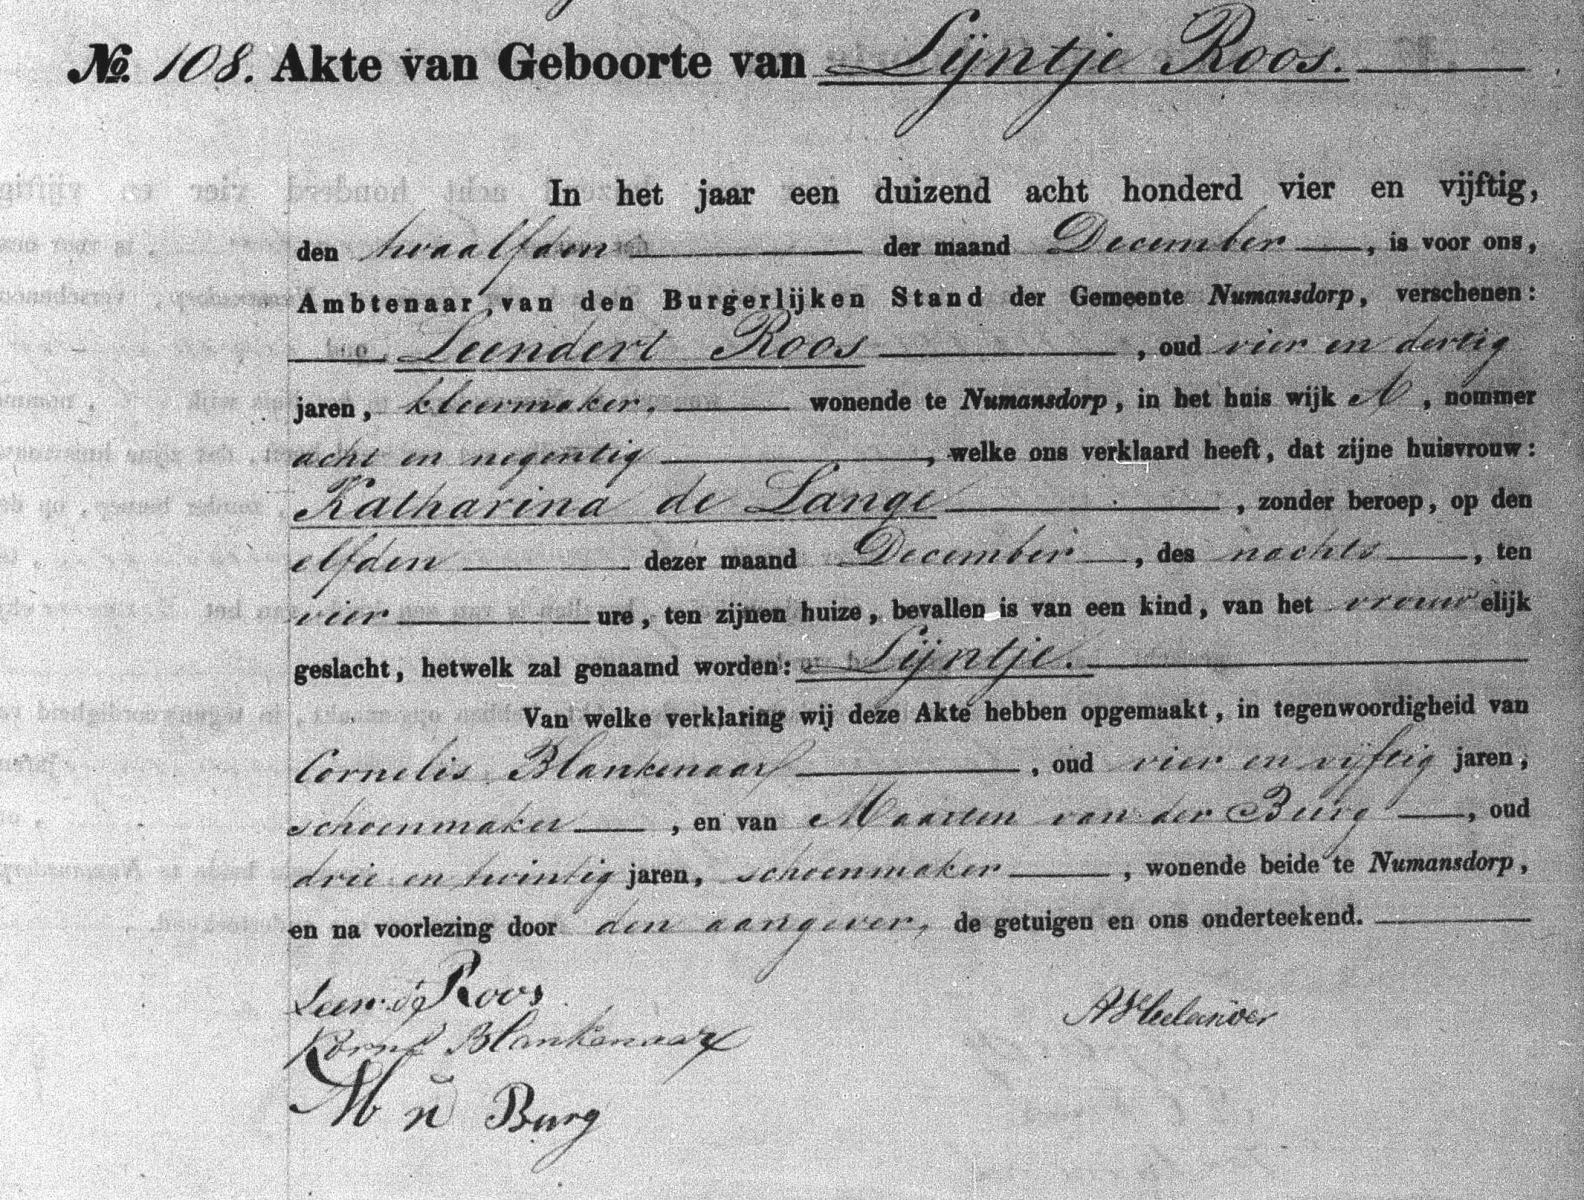 Roos-Lijntje-Geboorteakte-11-12-1854-Numansdorp